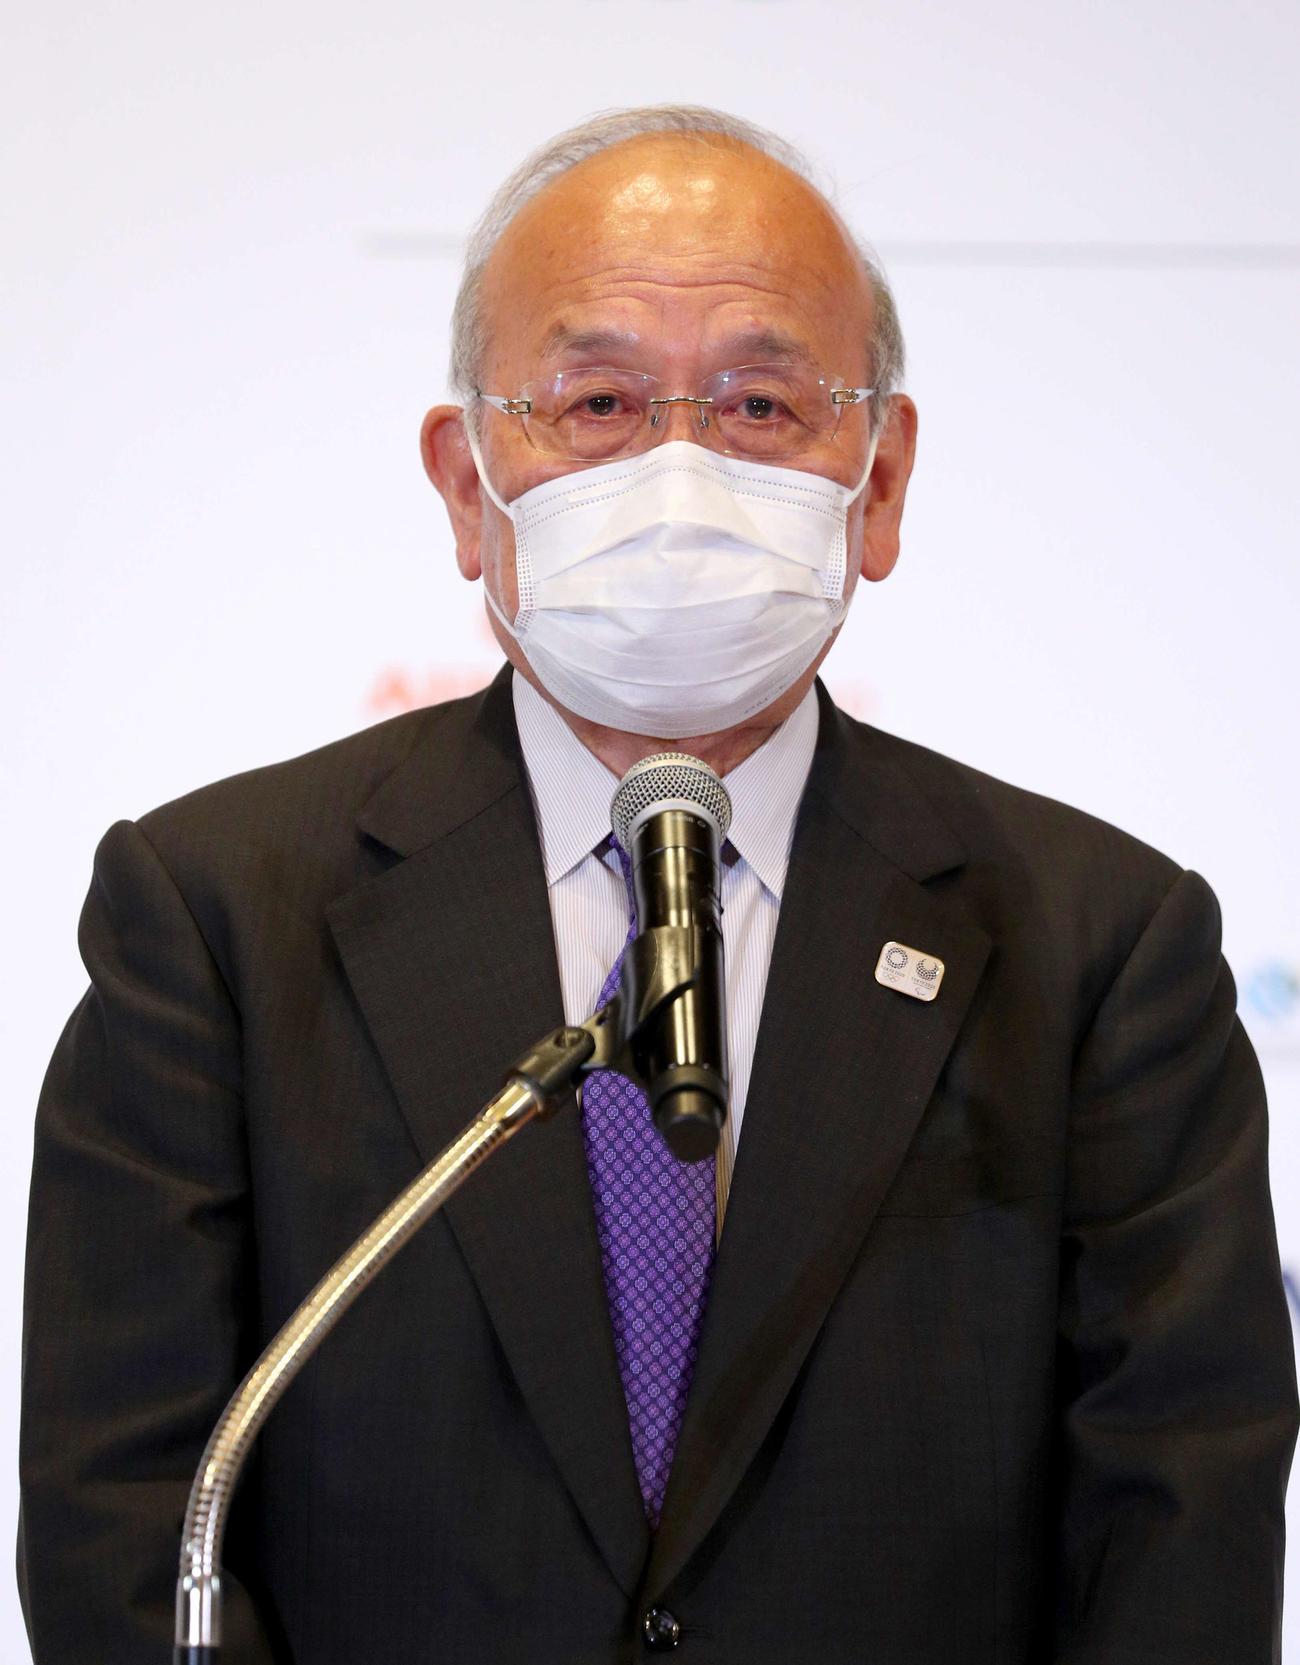 日本パラリンピック委員会(JPC)鳥原光憲会長(2021年9月6日撮影)